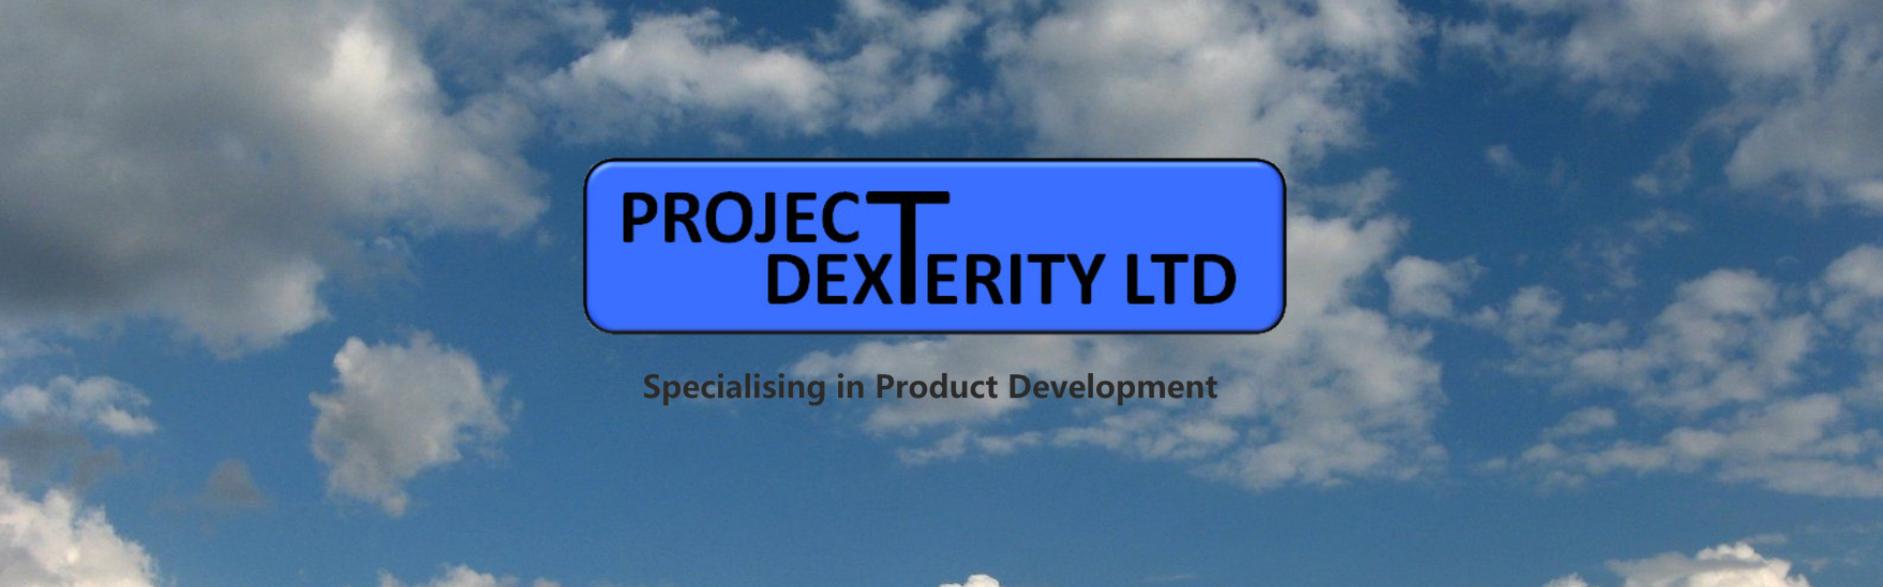 Project Dexterity